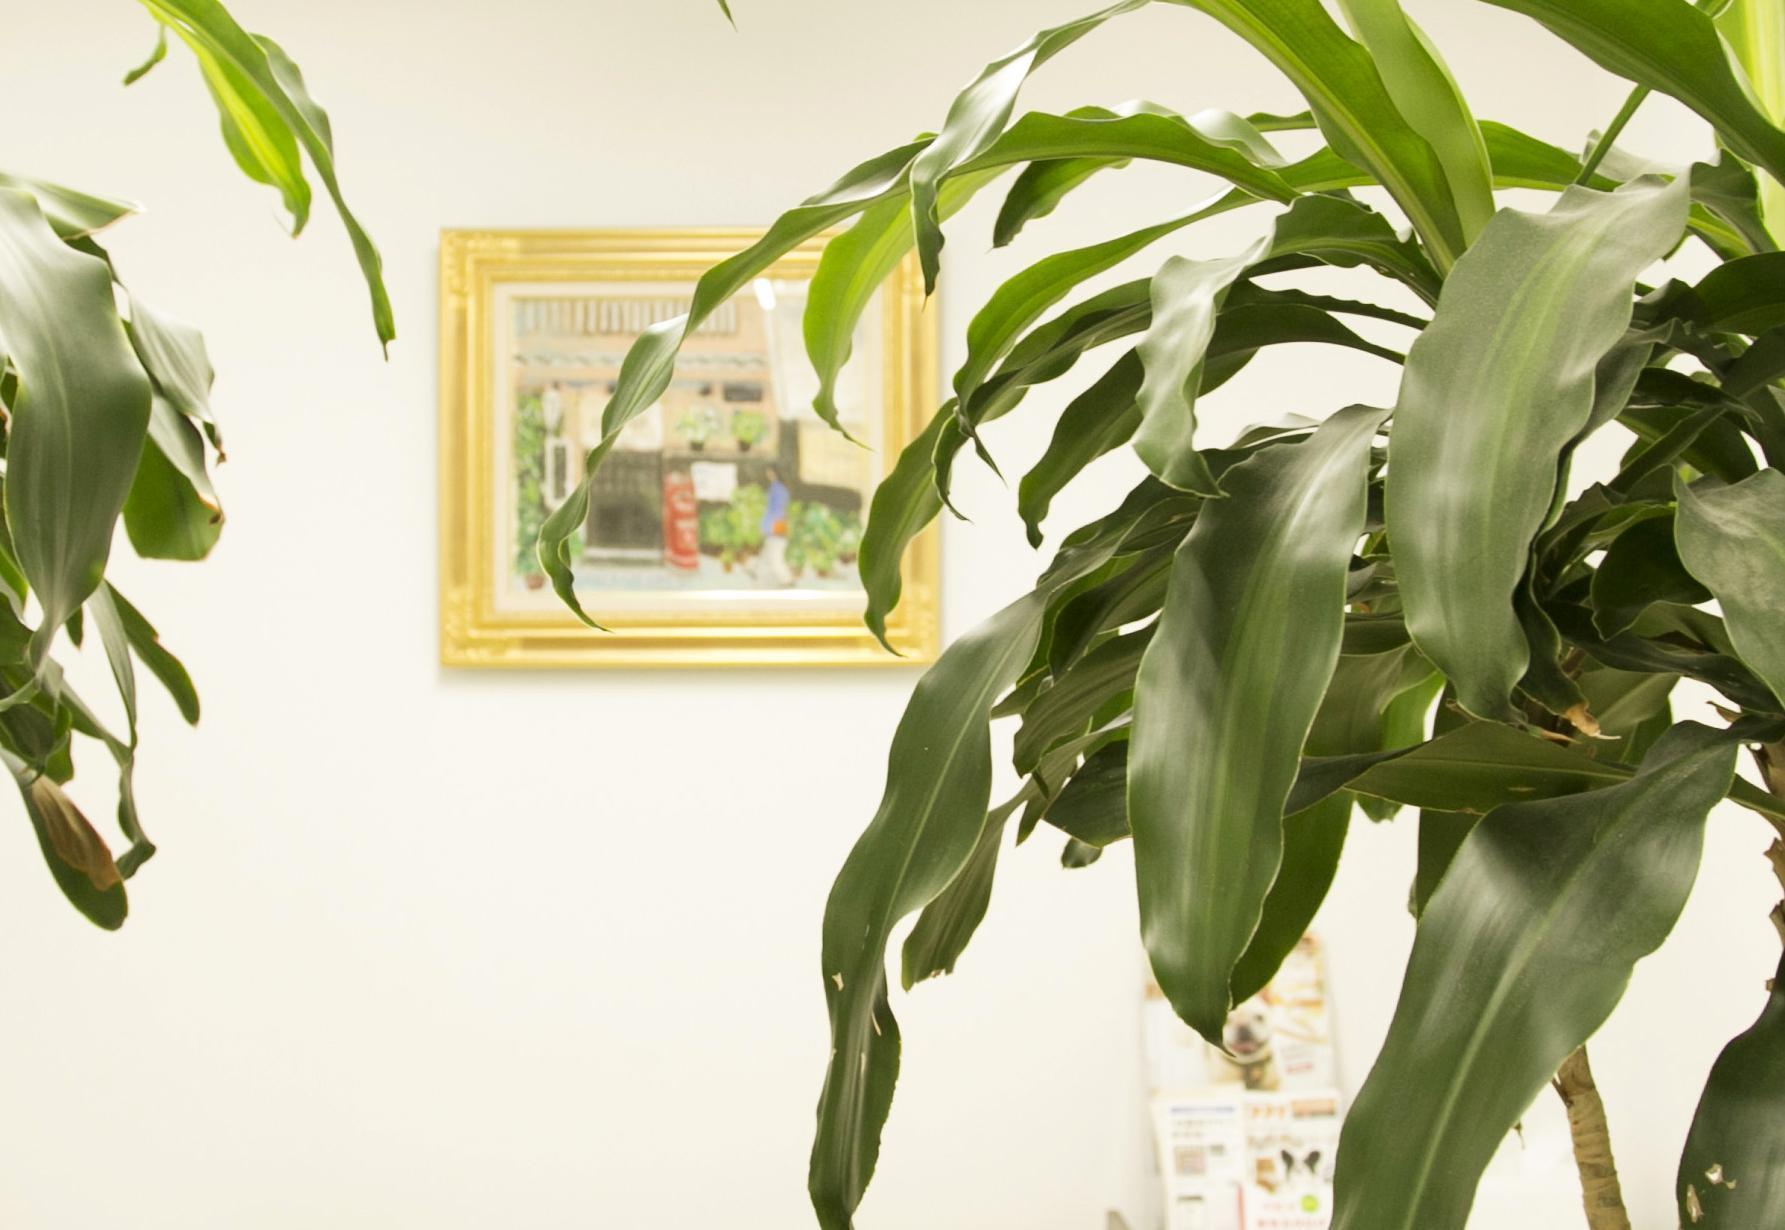 ドラセナの木です。病院内で茂っています。